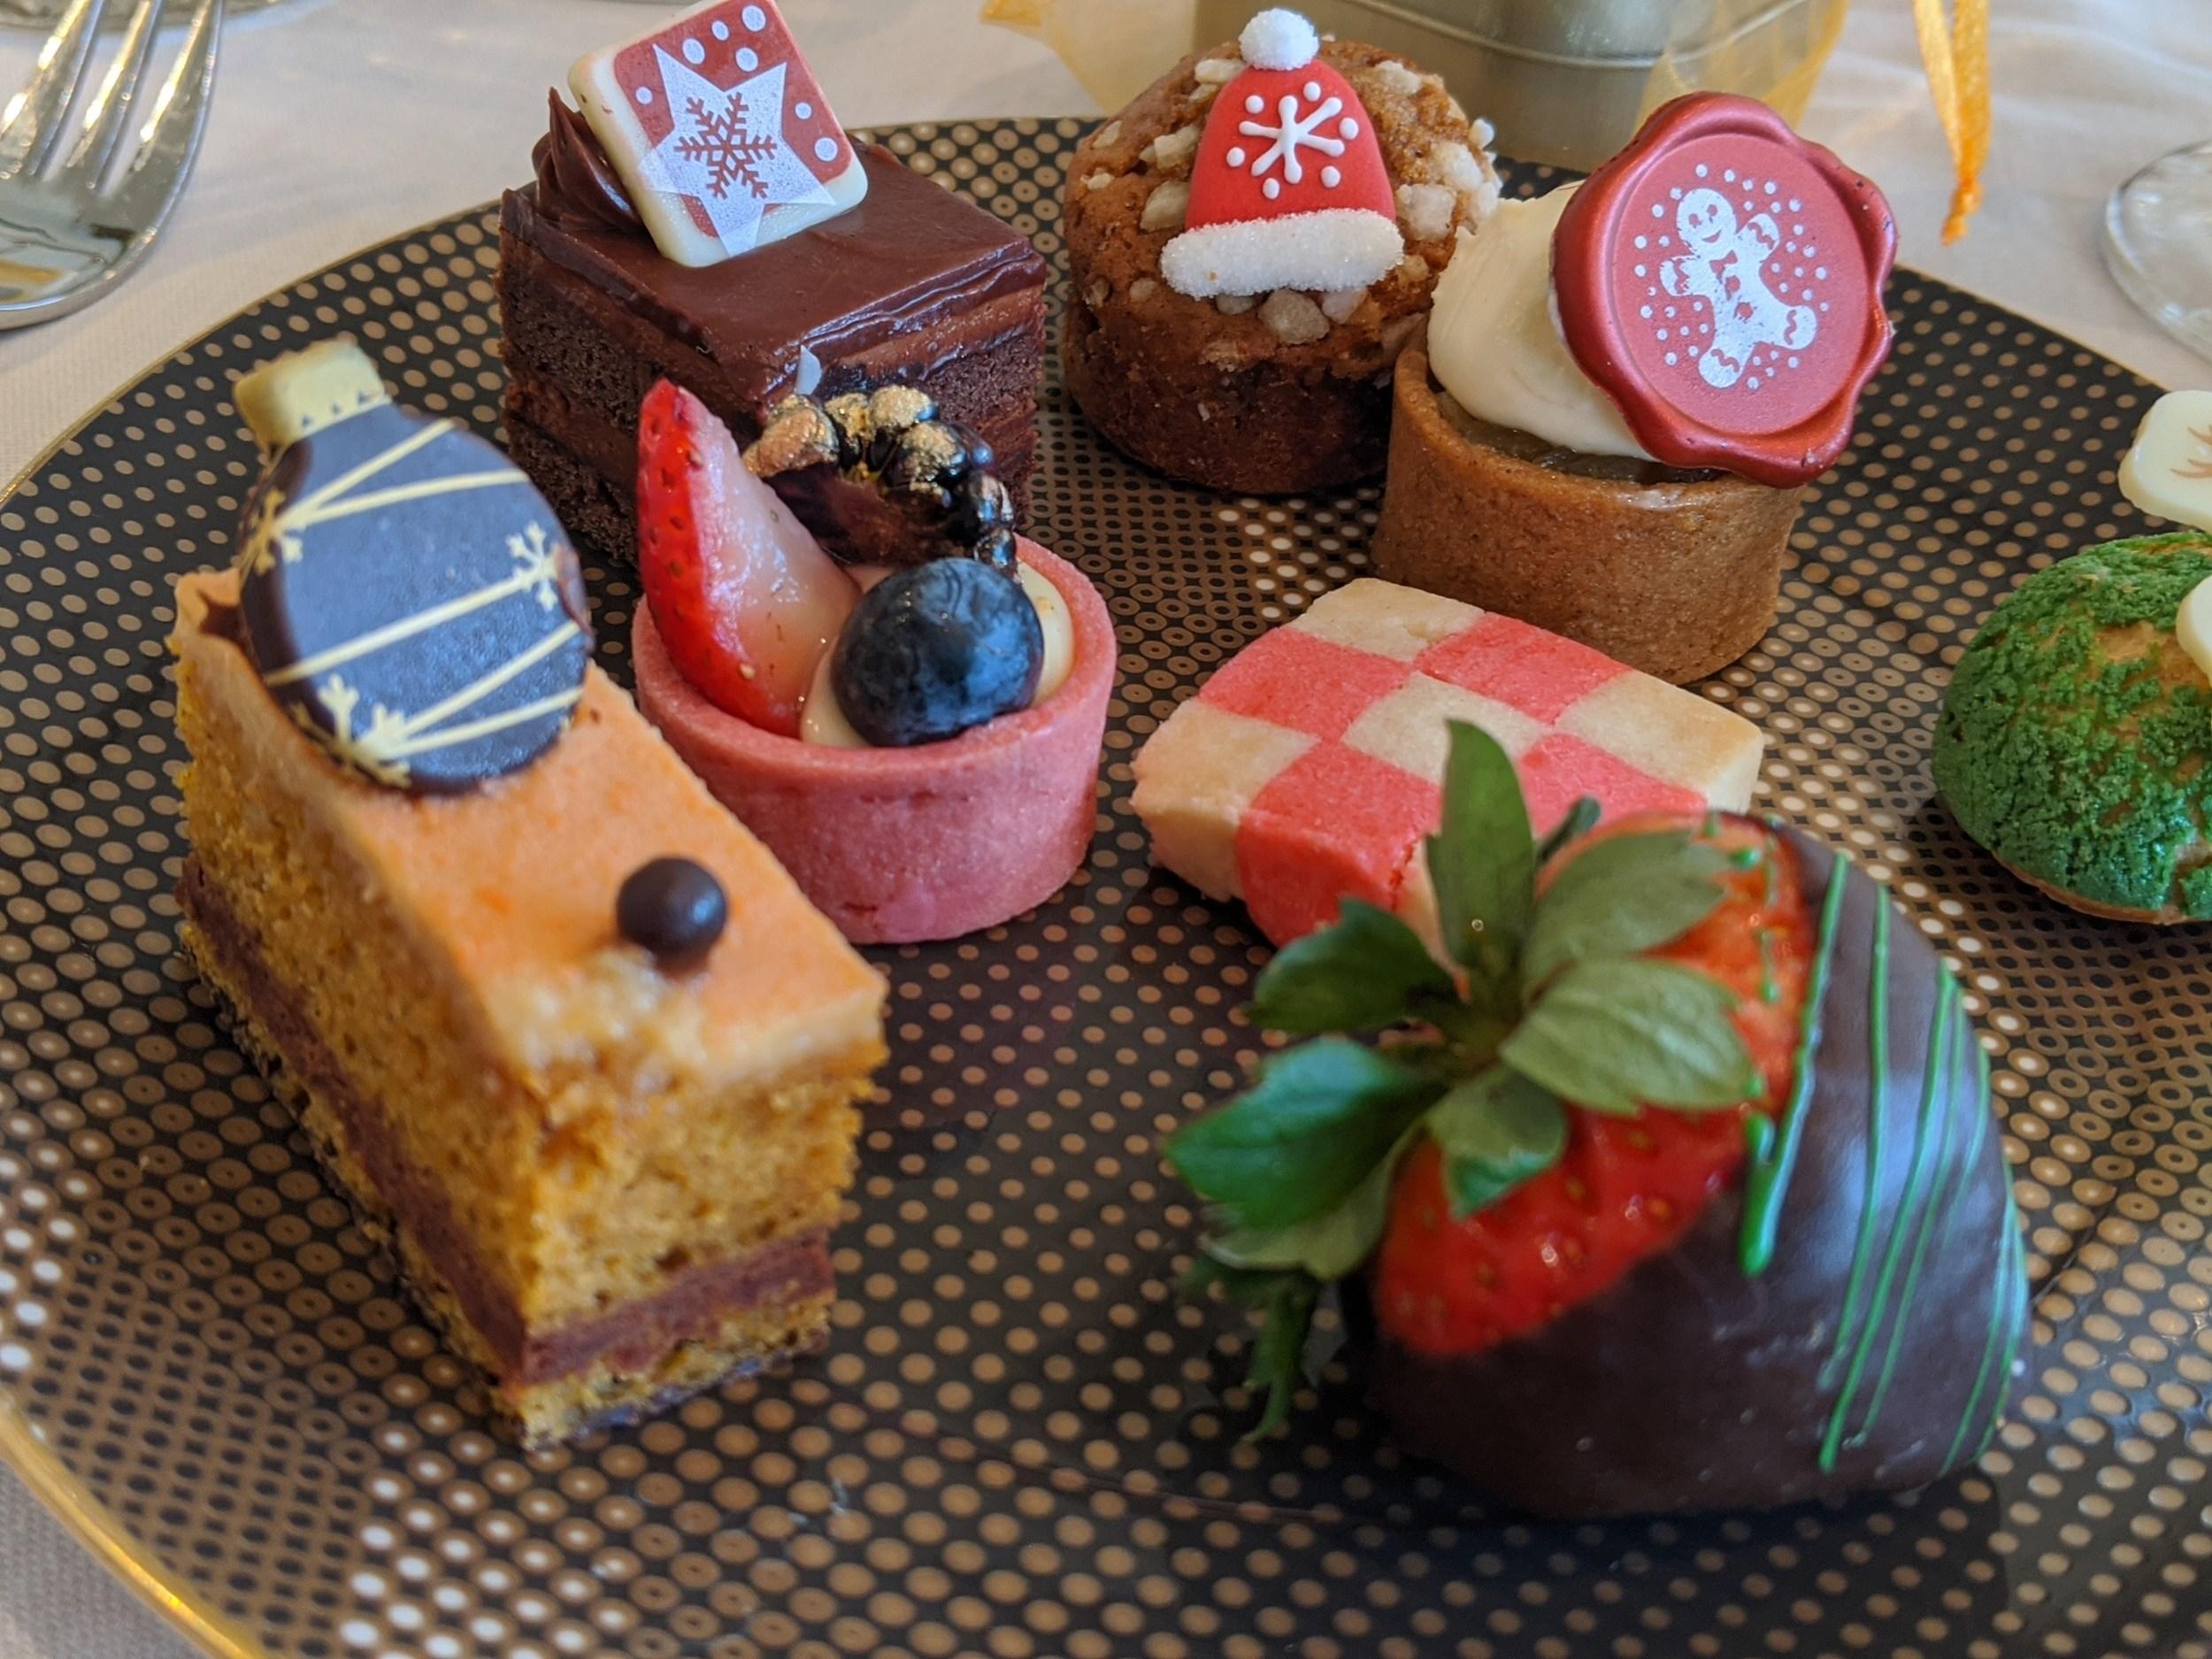 Treats at the Phoenician Holiday Tea in Scottsdale, Arizona